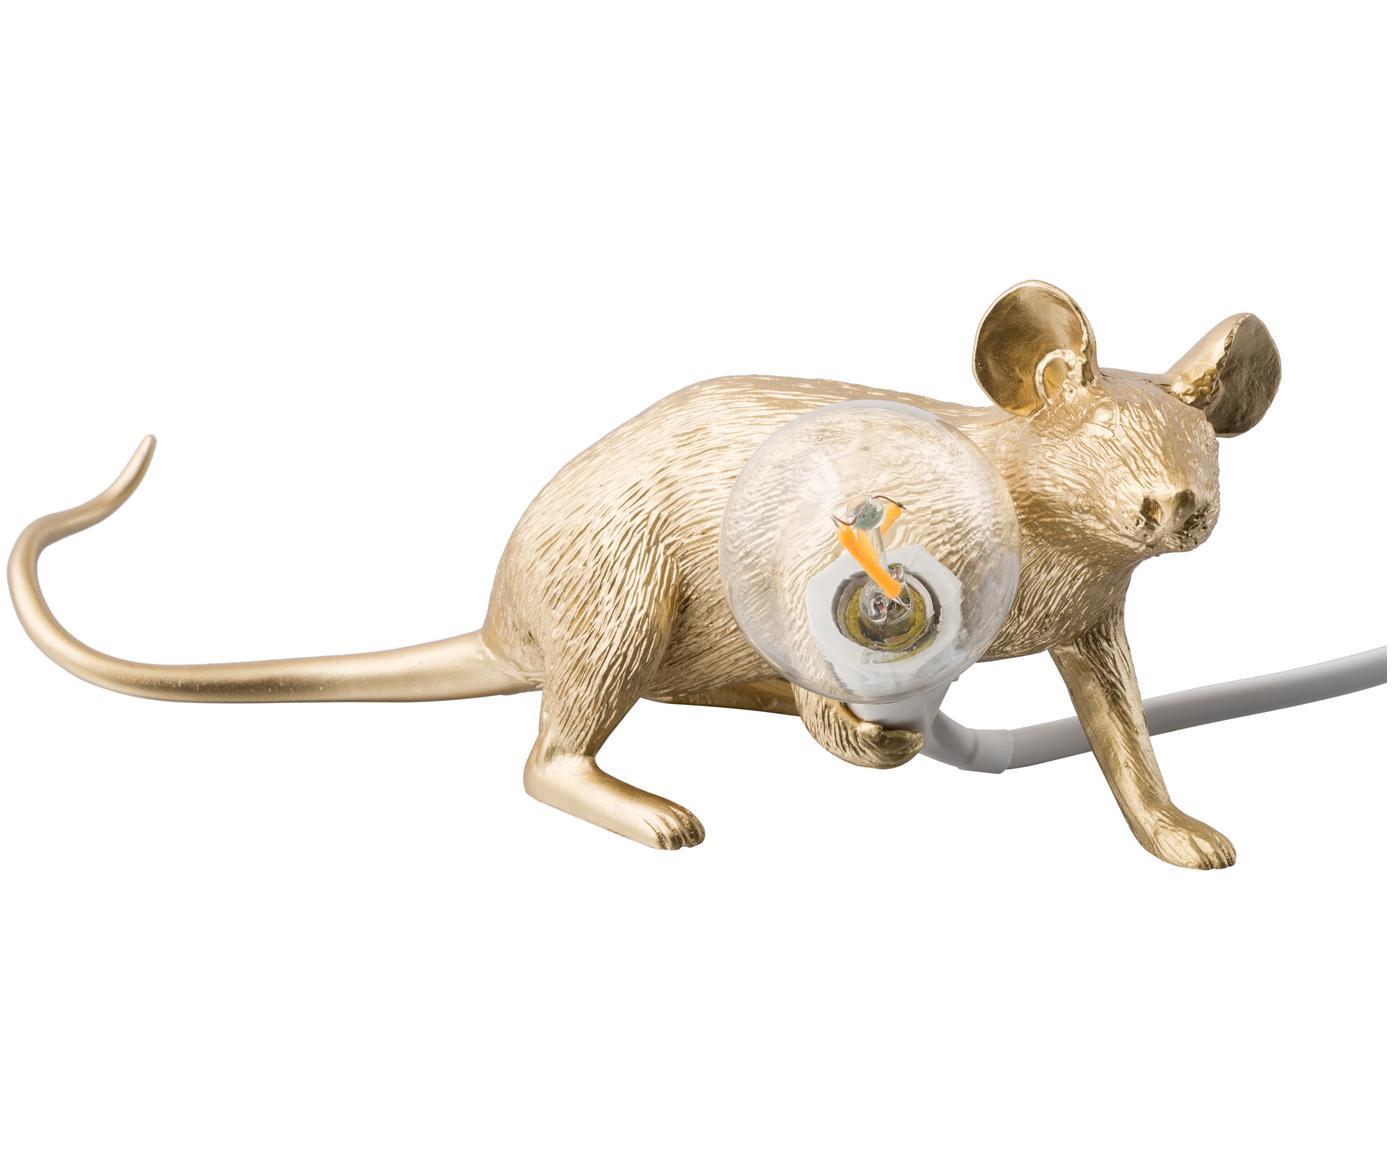 Design Tischleuchte Mouse, Kunstharz, Goldfarben, 21 x 8 cm